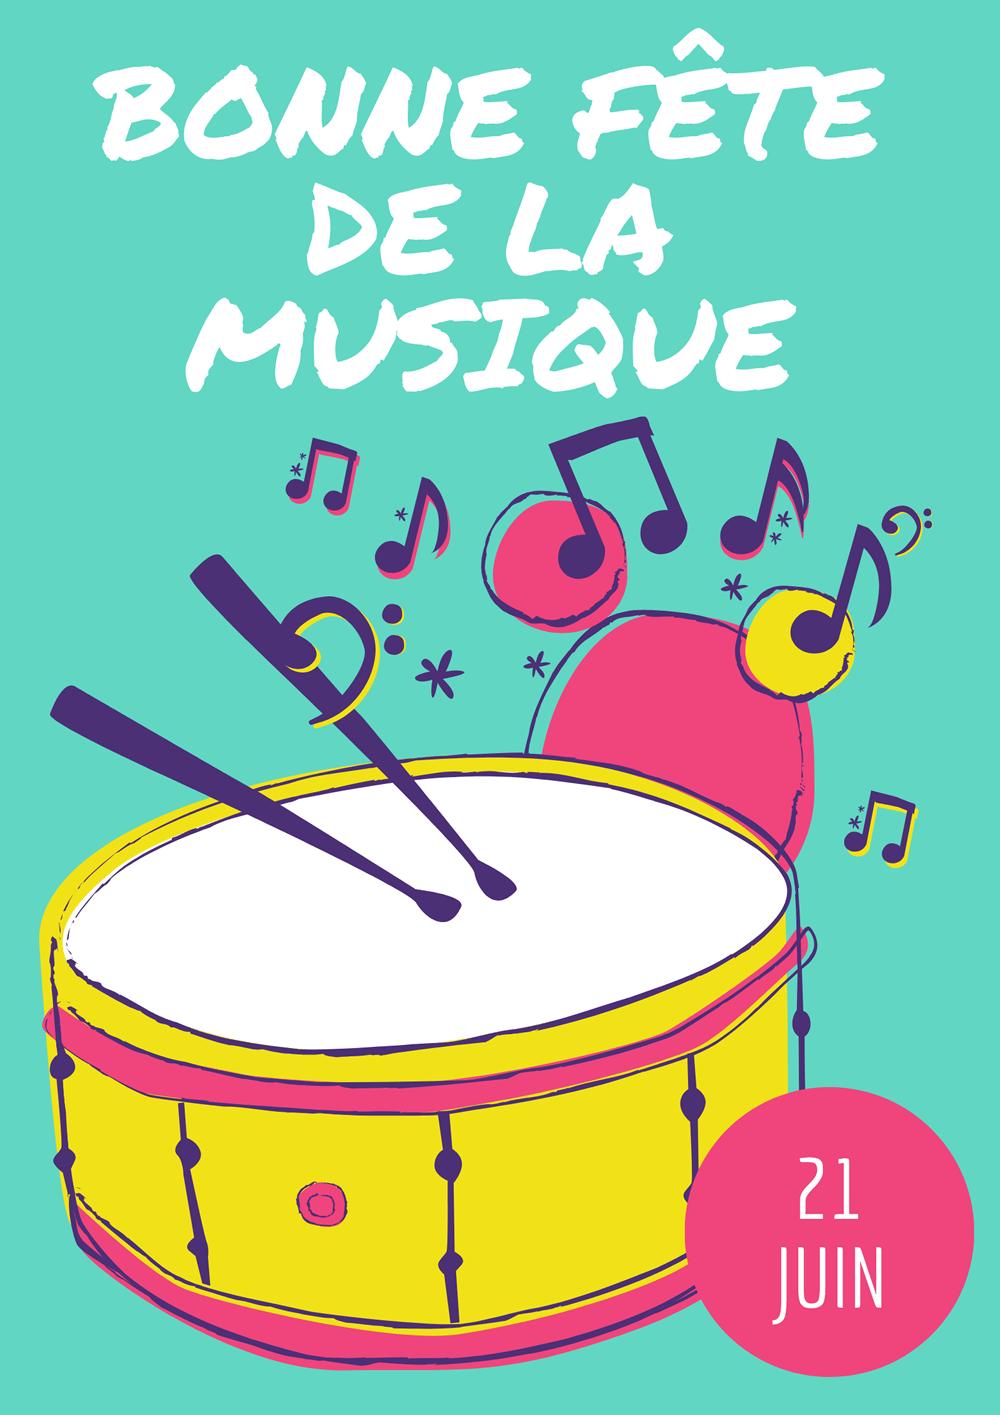 Fête de la Musique image 1